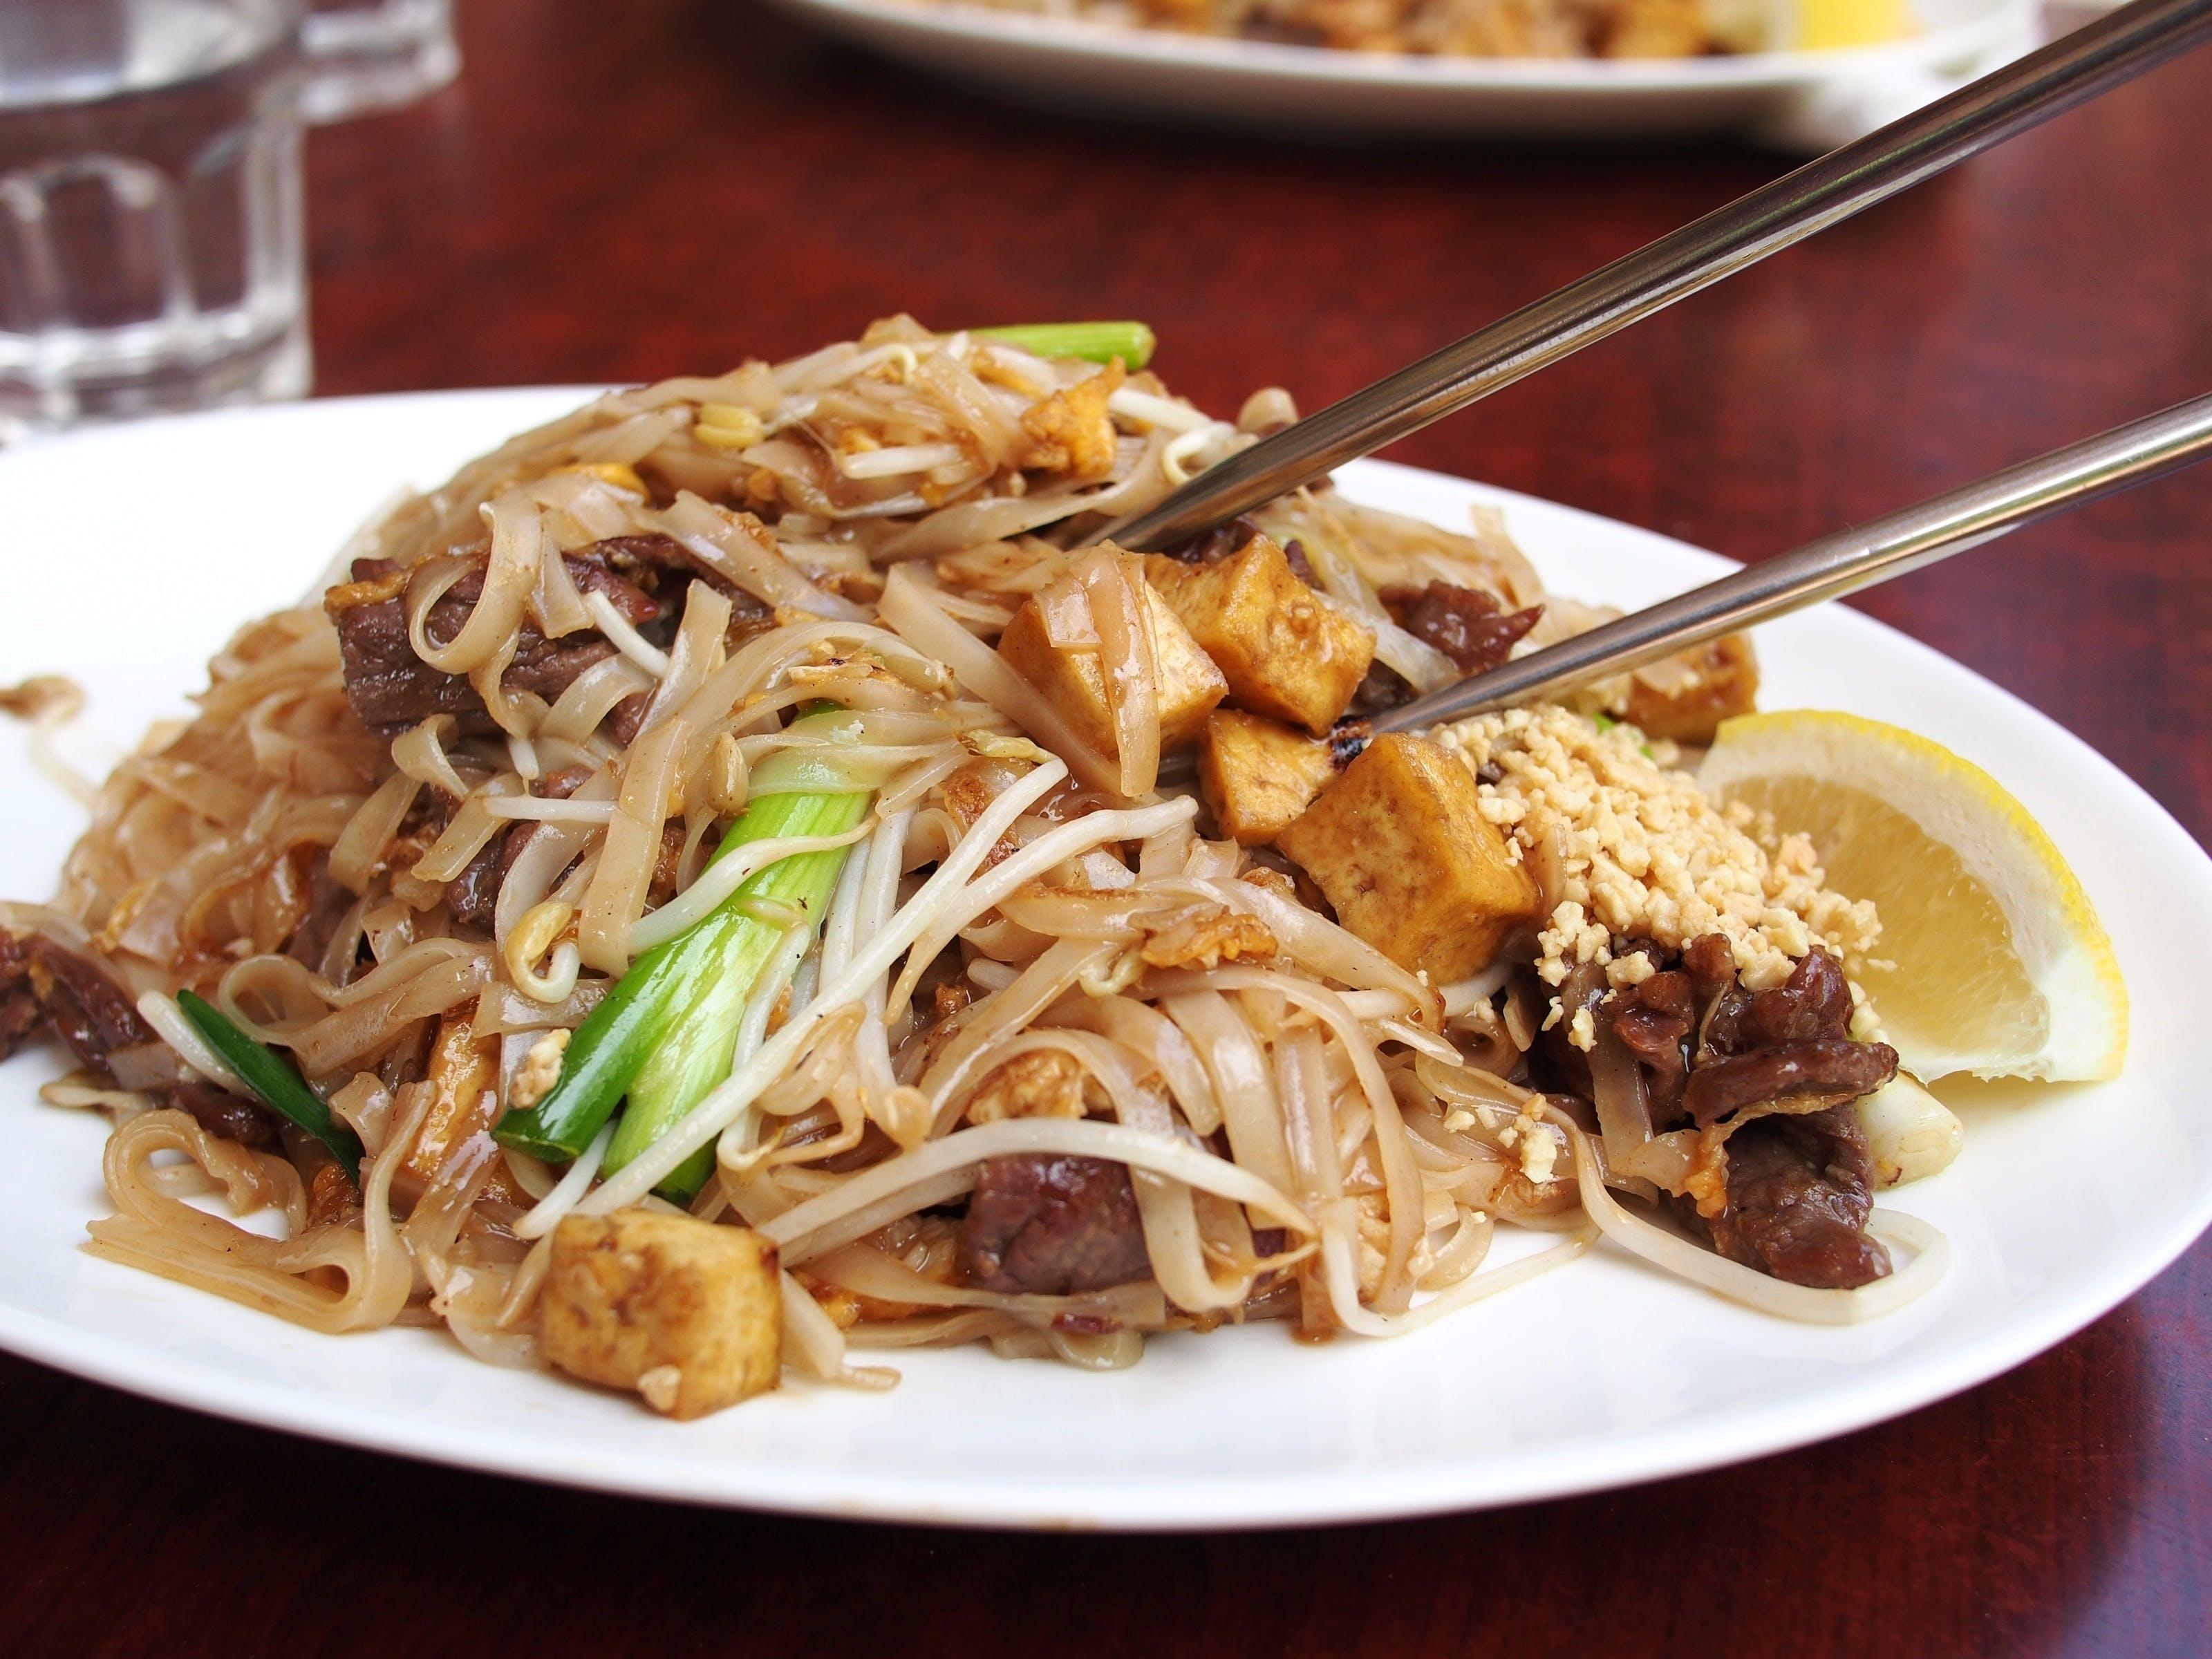 Gratis lagerfoto af cuisine, frokost, mad, måltid